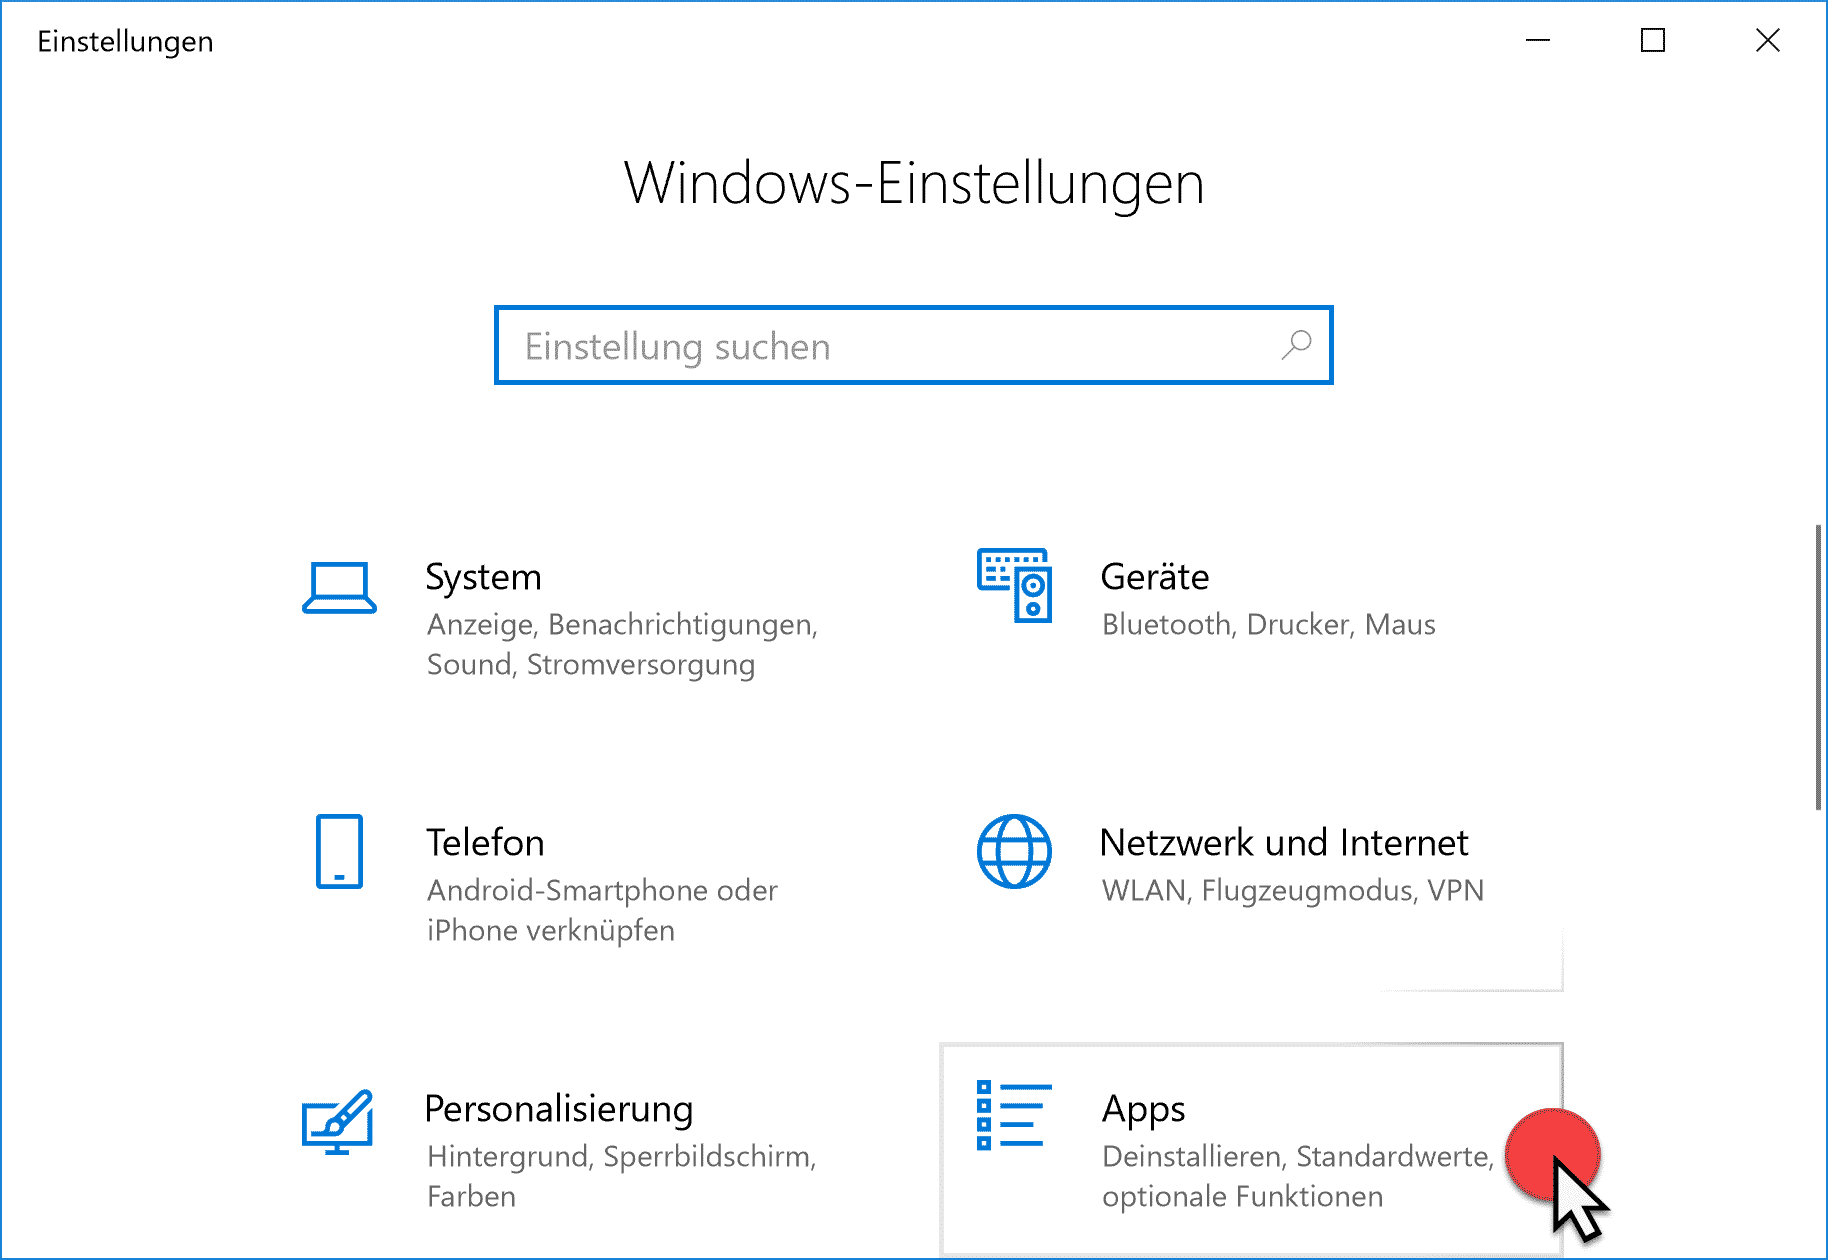 Apps Deinstallieren Standardwerte und optionale Funktionen